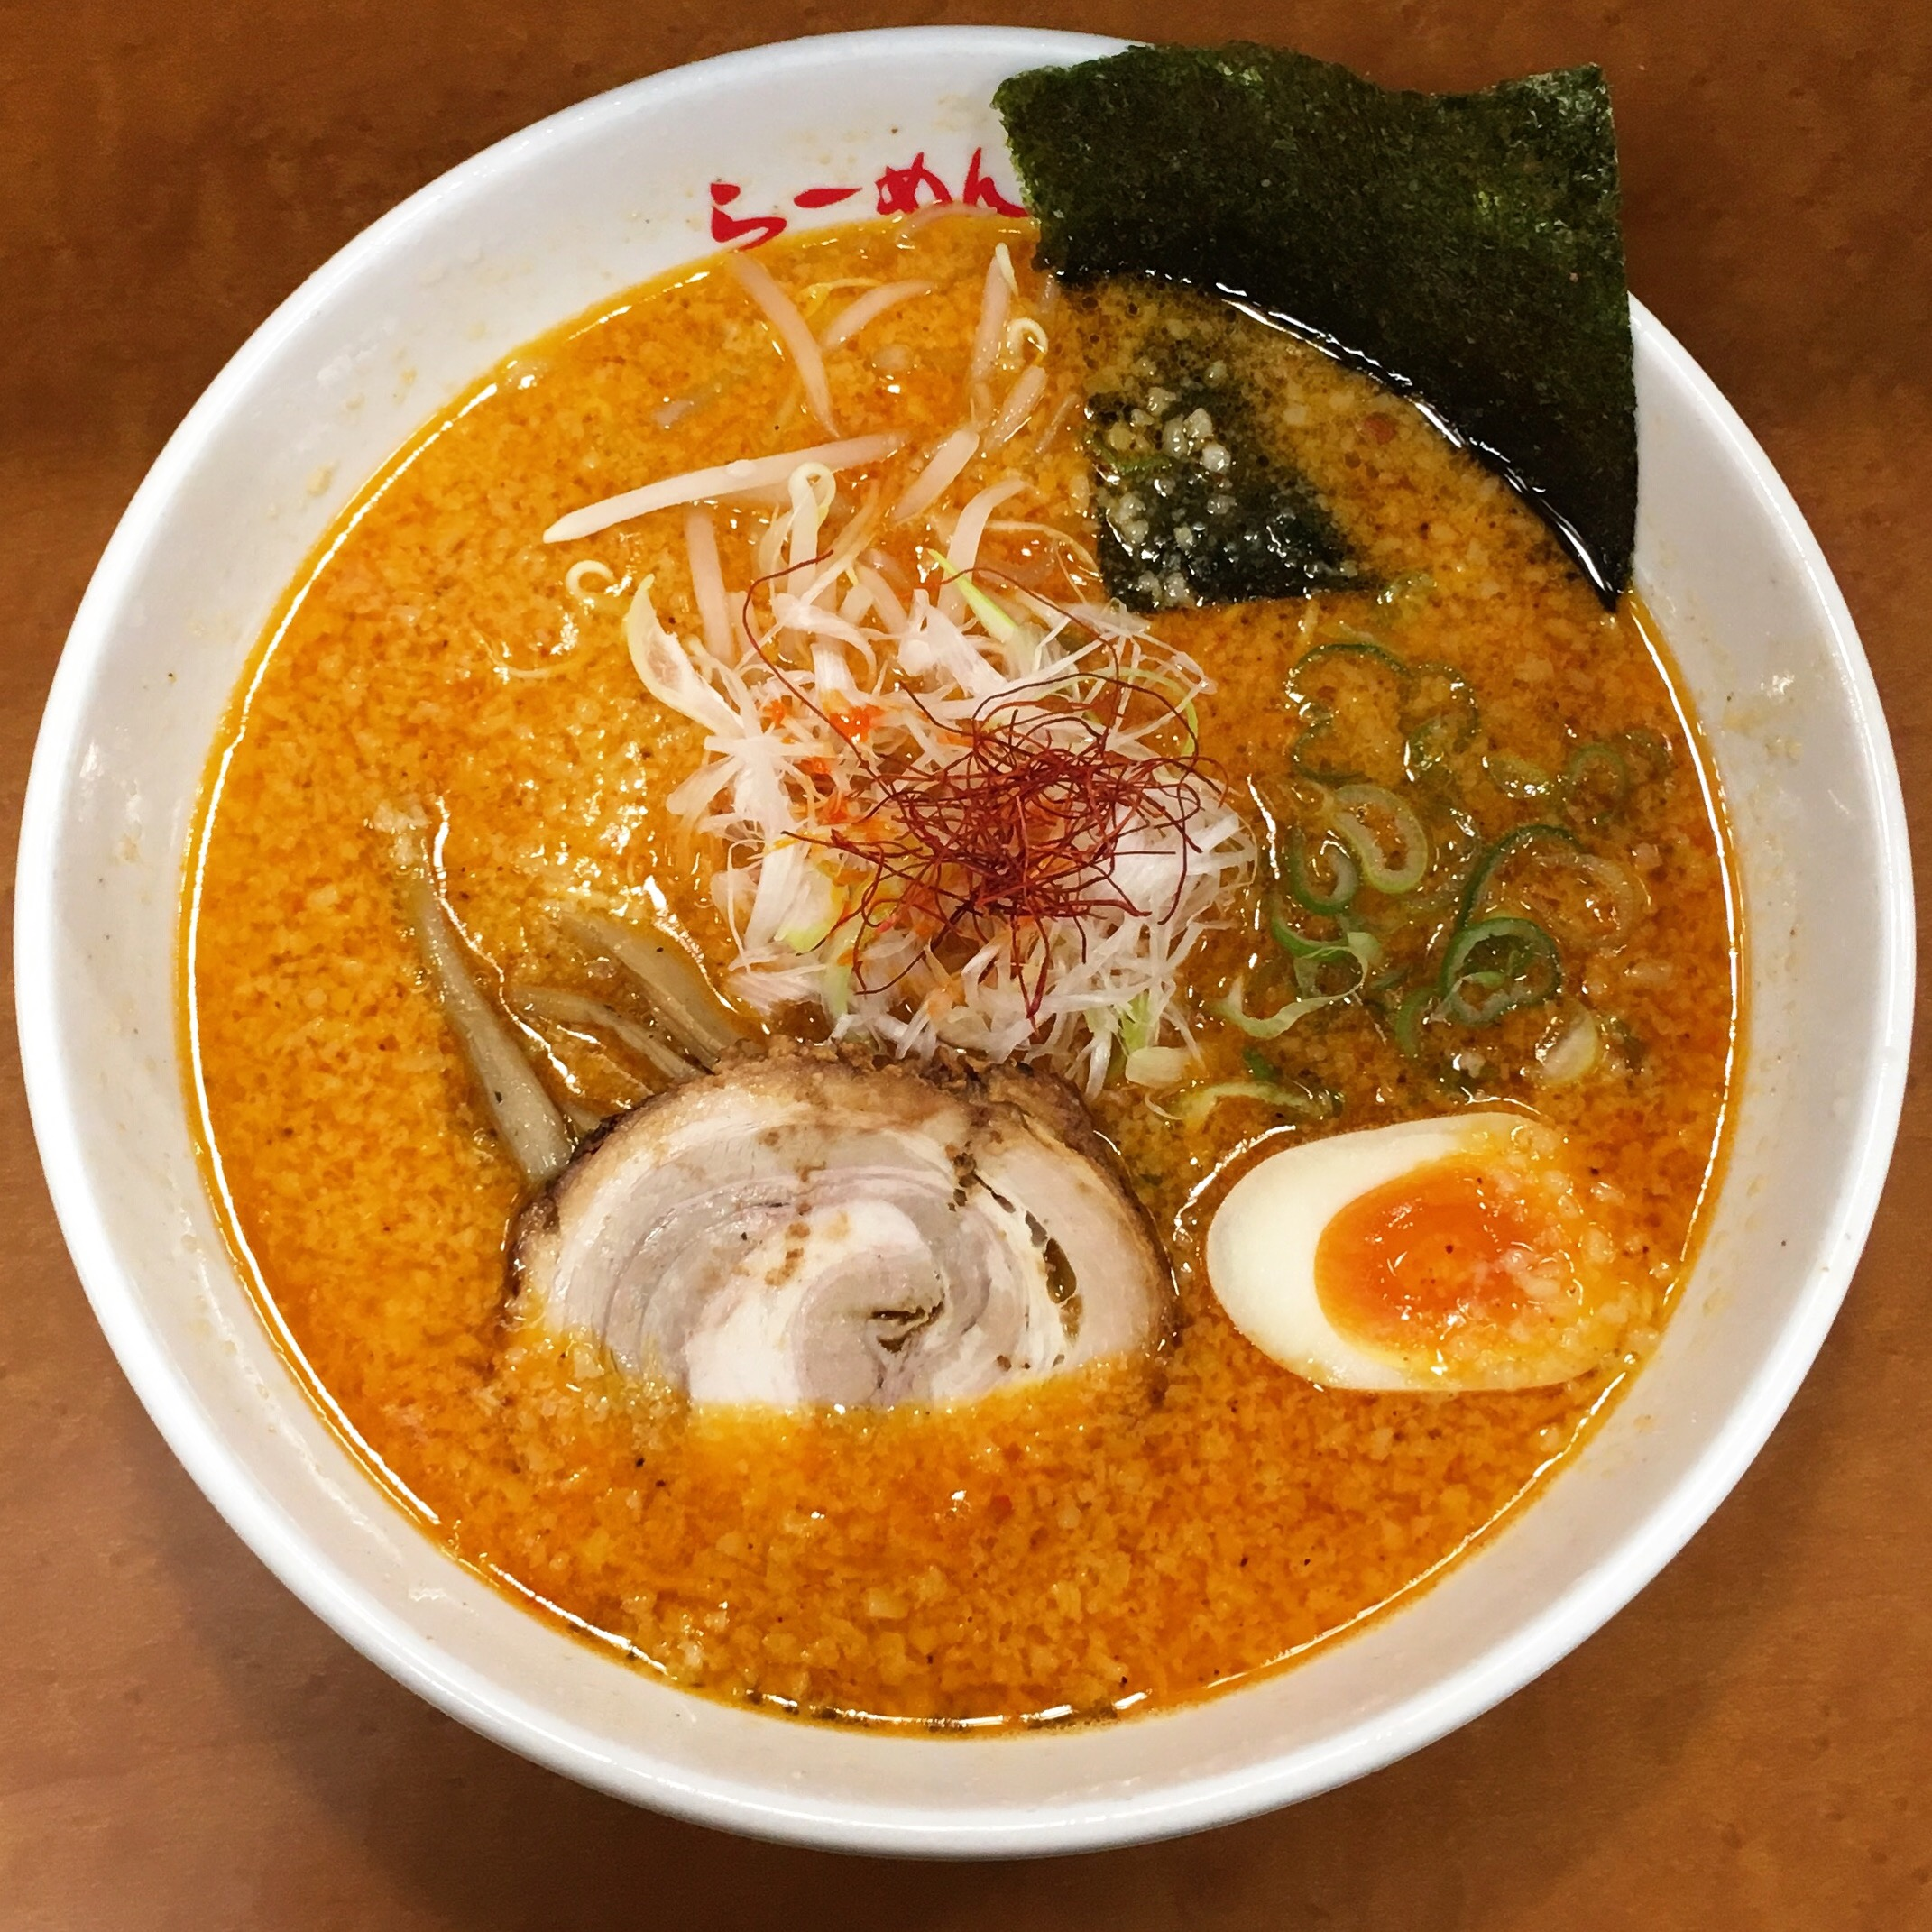 Kazuki Bowl Abram.JPG